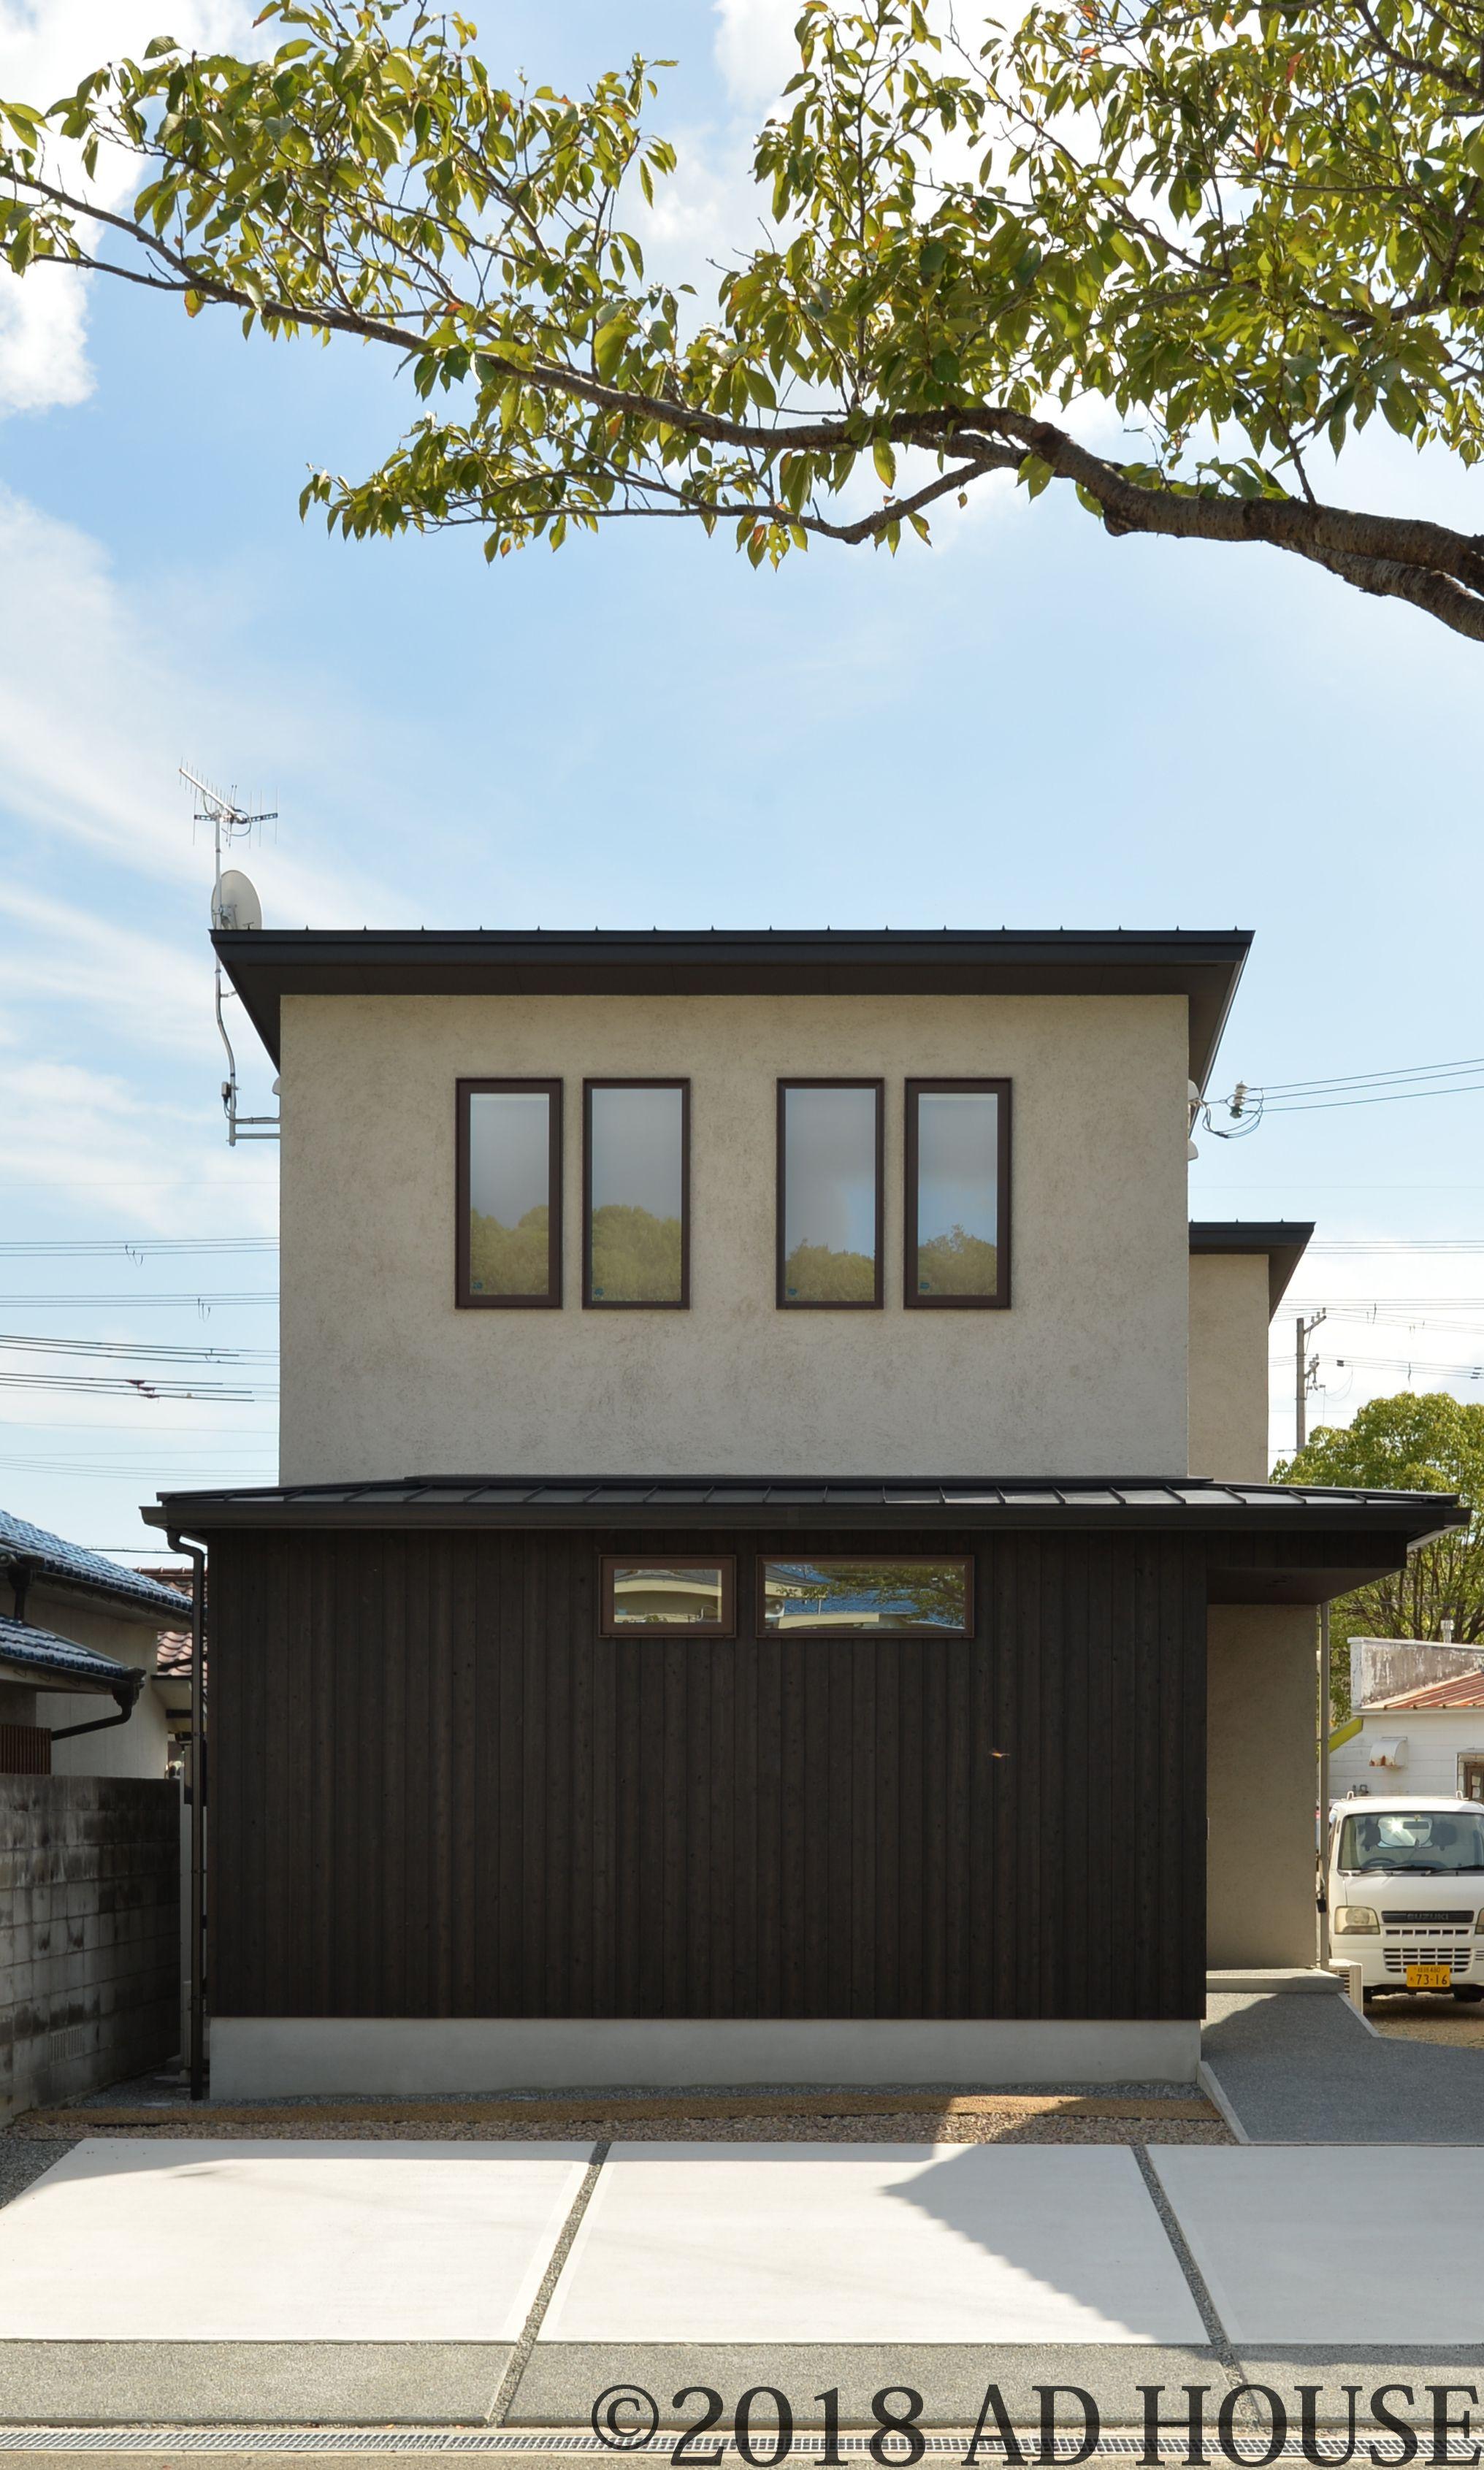 外壁は白州そとん壁 グレー色 下屋部分の外壁は黒塗装の焼杉板